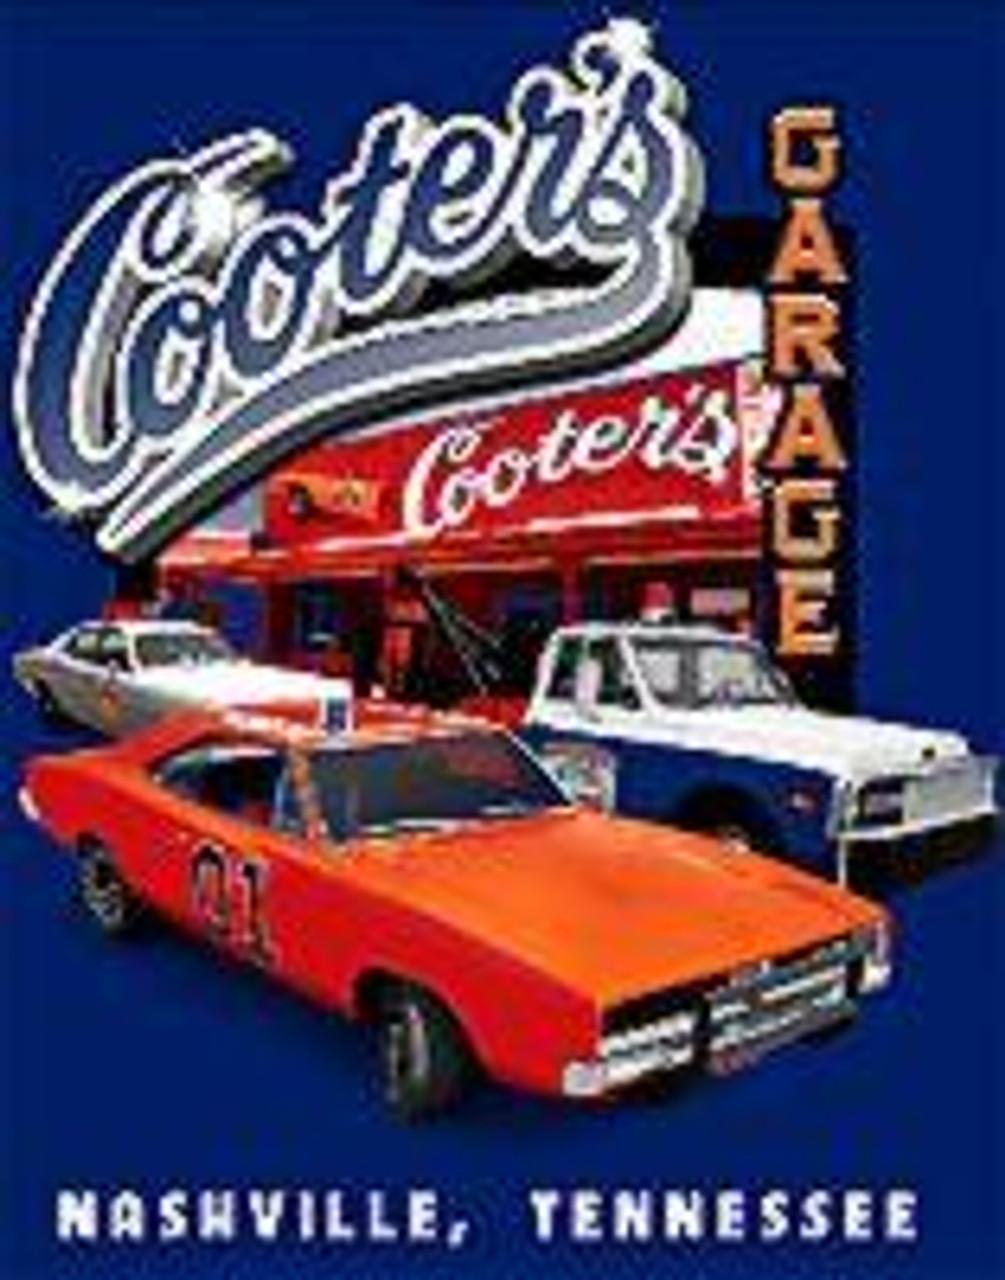 Magnet Cooter's Garage Nashville